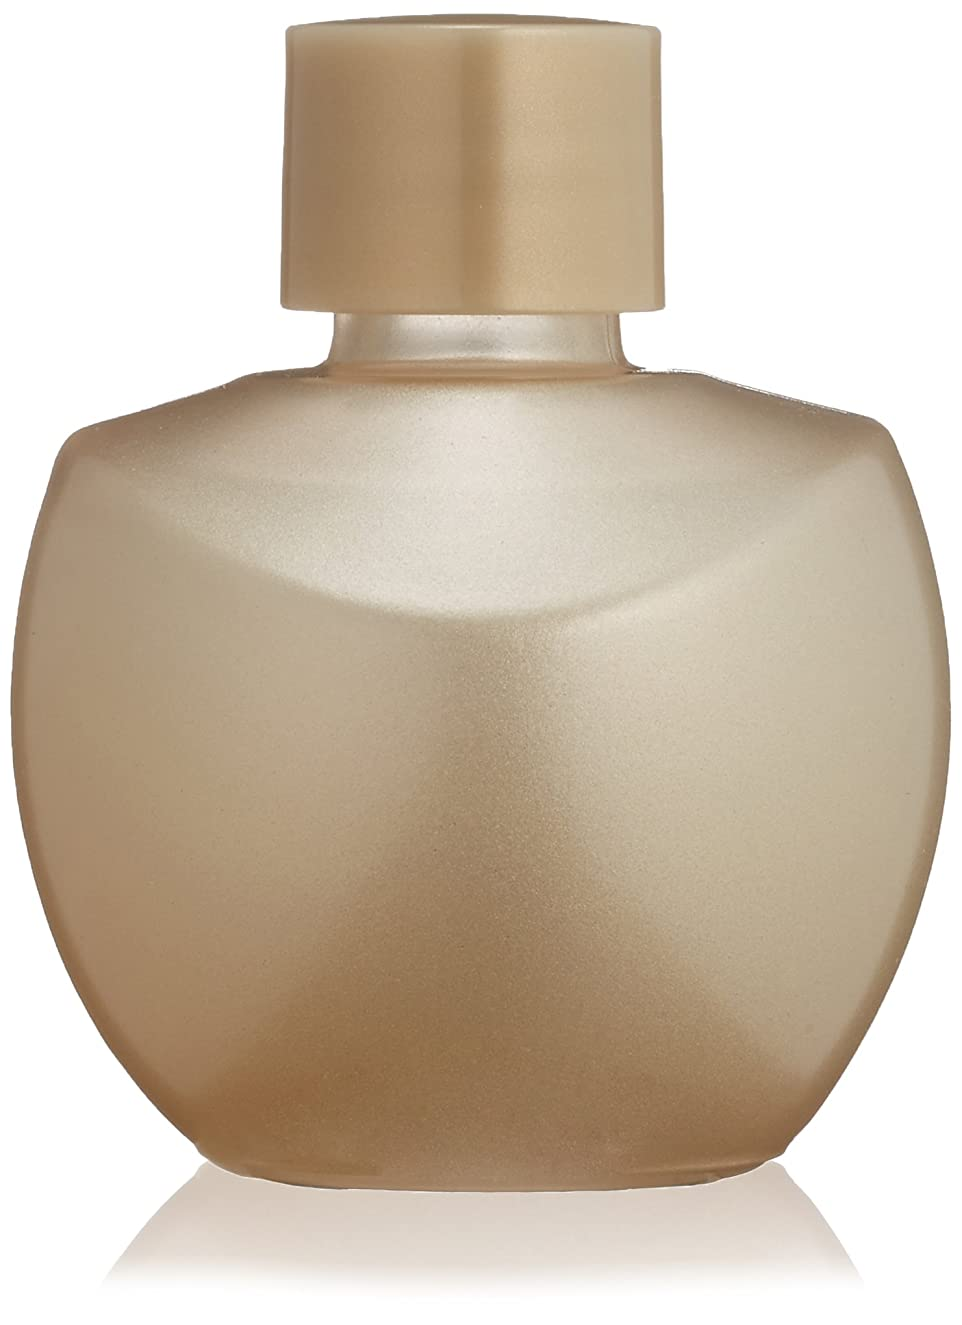 侵略アルコーブ狂信者エリクシール シュペリエル エンリッチドセラム CB 美容液 (つけかえ専用ボトル) 35mL